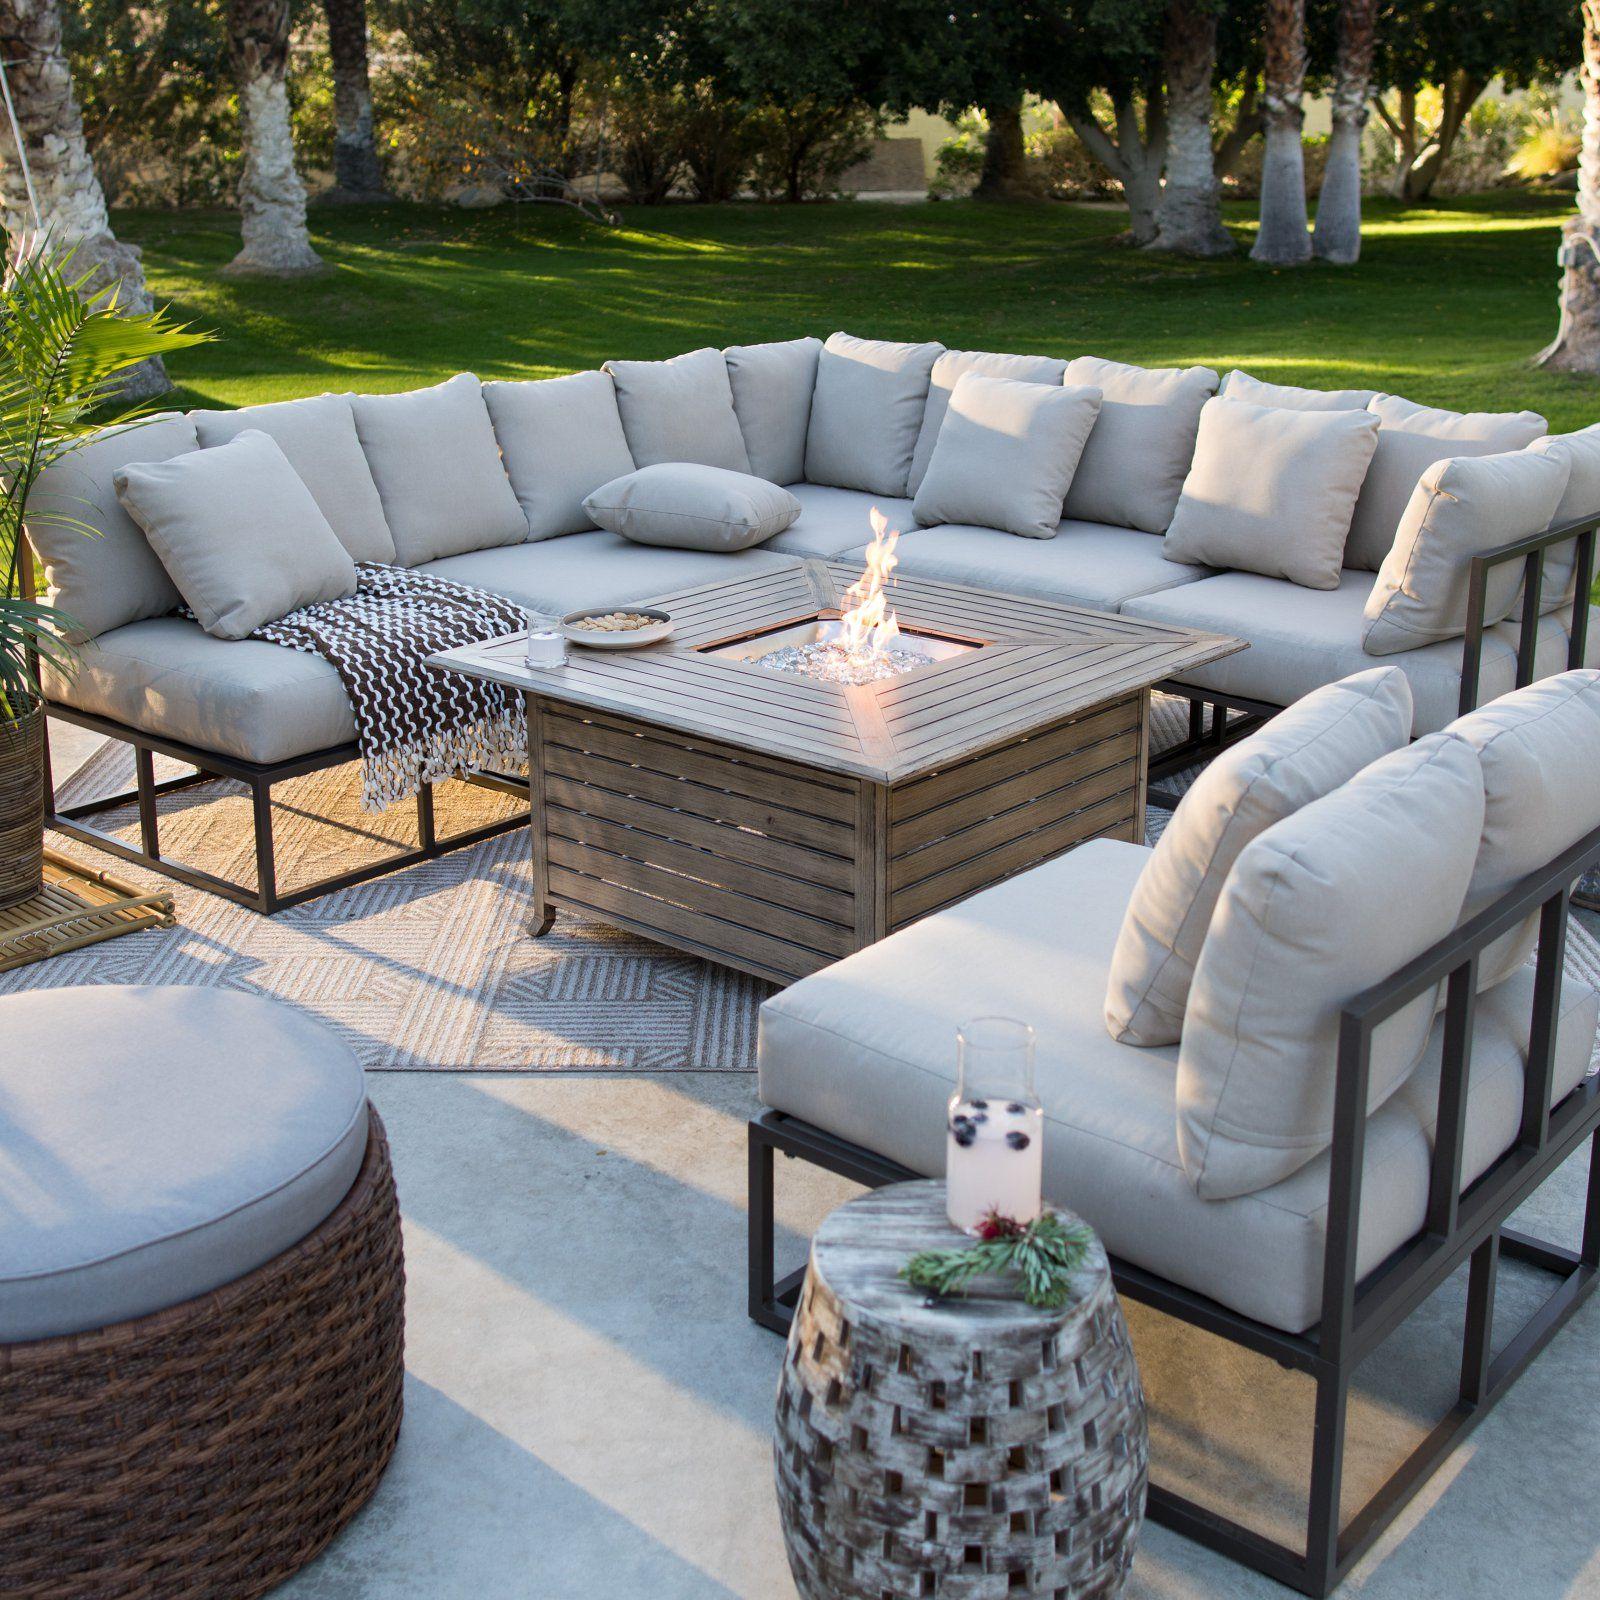 Belham Living Bonaire Aluminum Outdoor Sectional Set ... on Walmart Outdoor Living id=35862